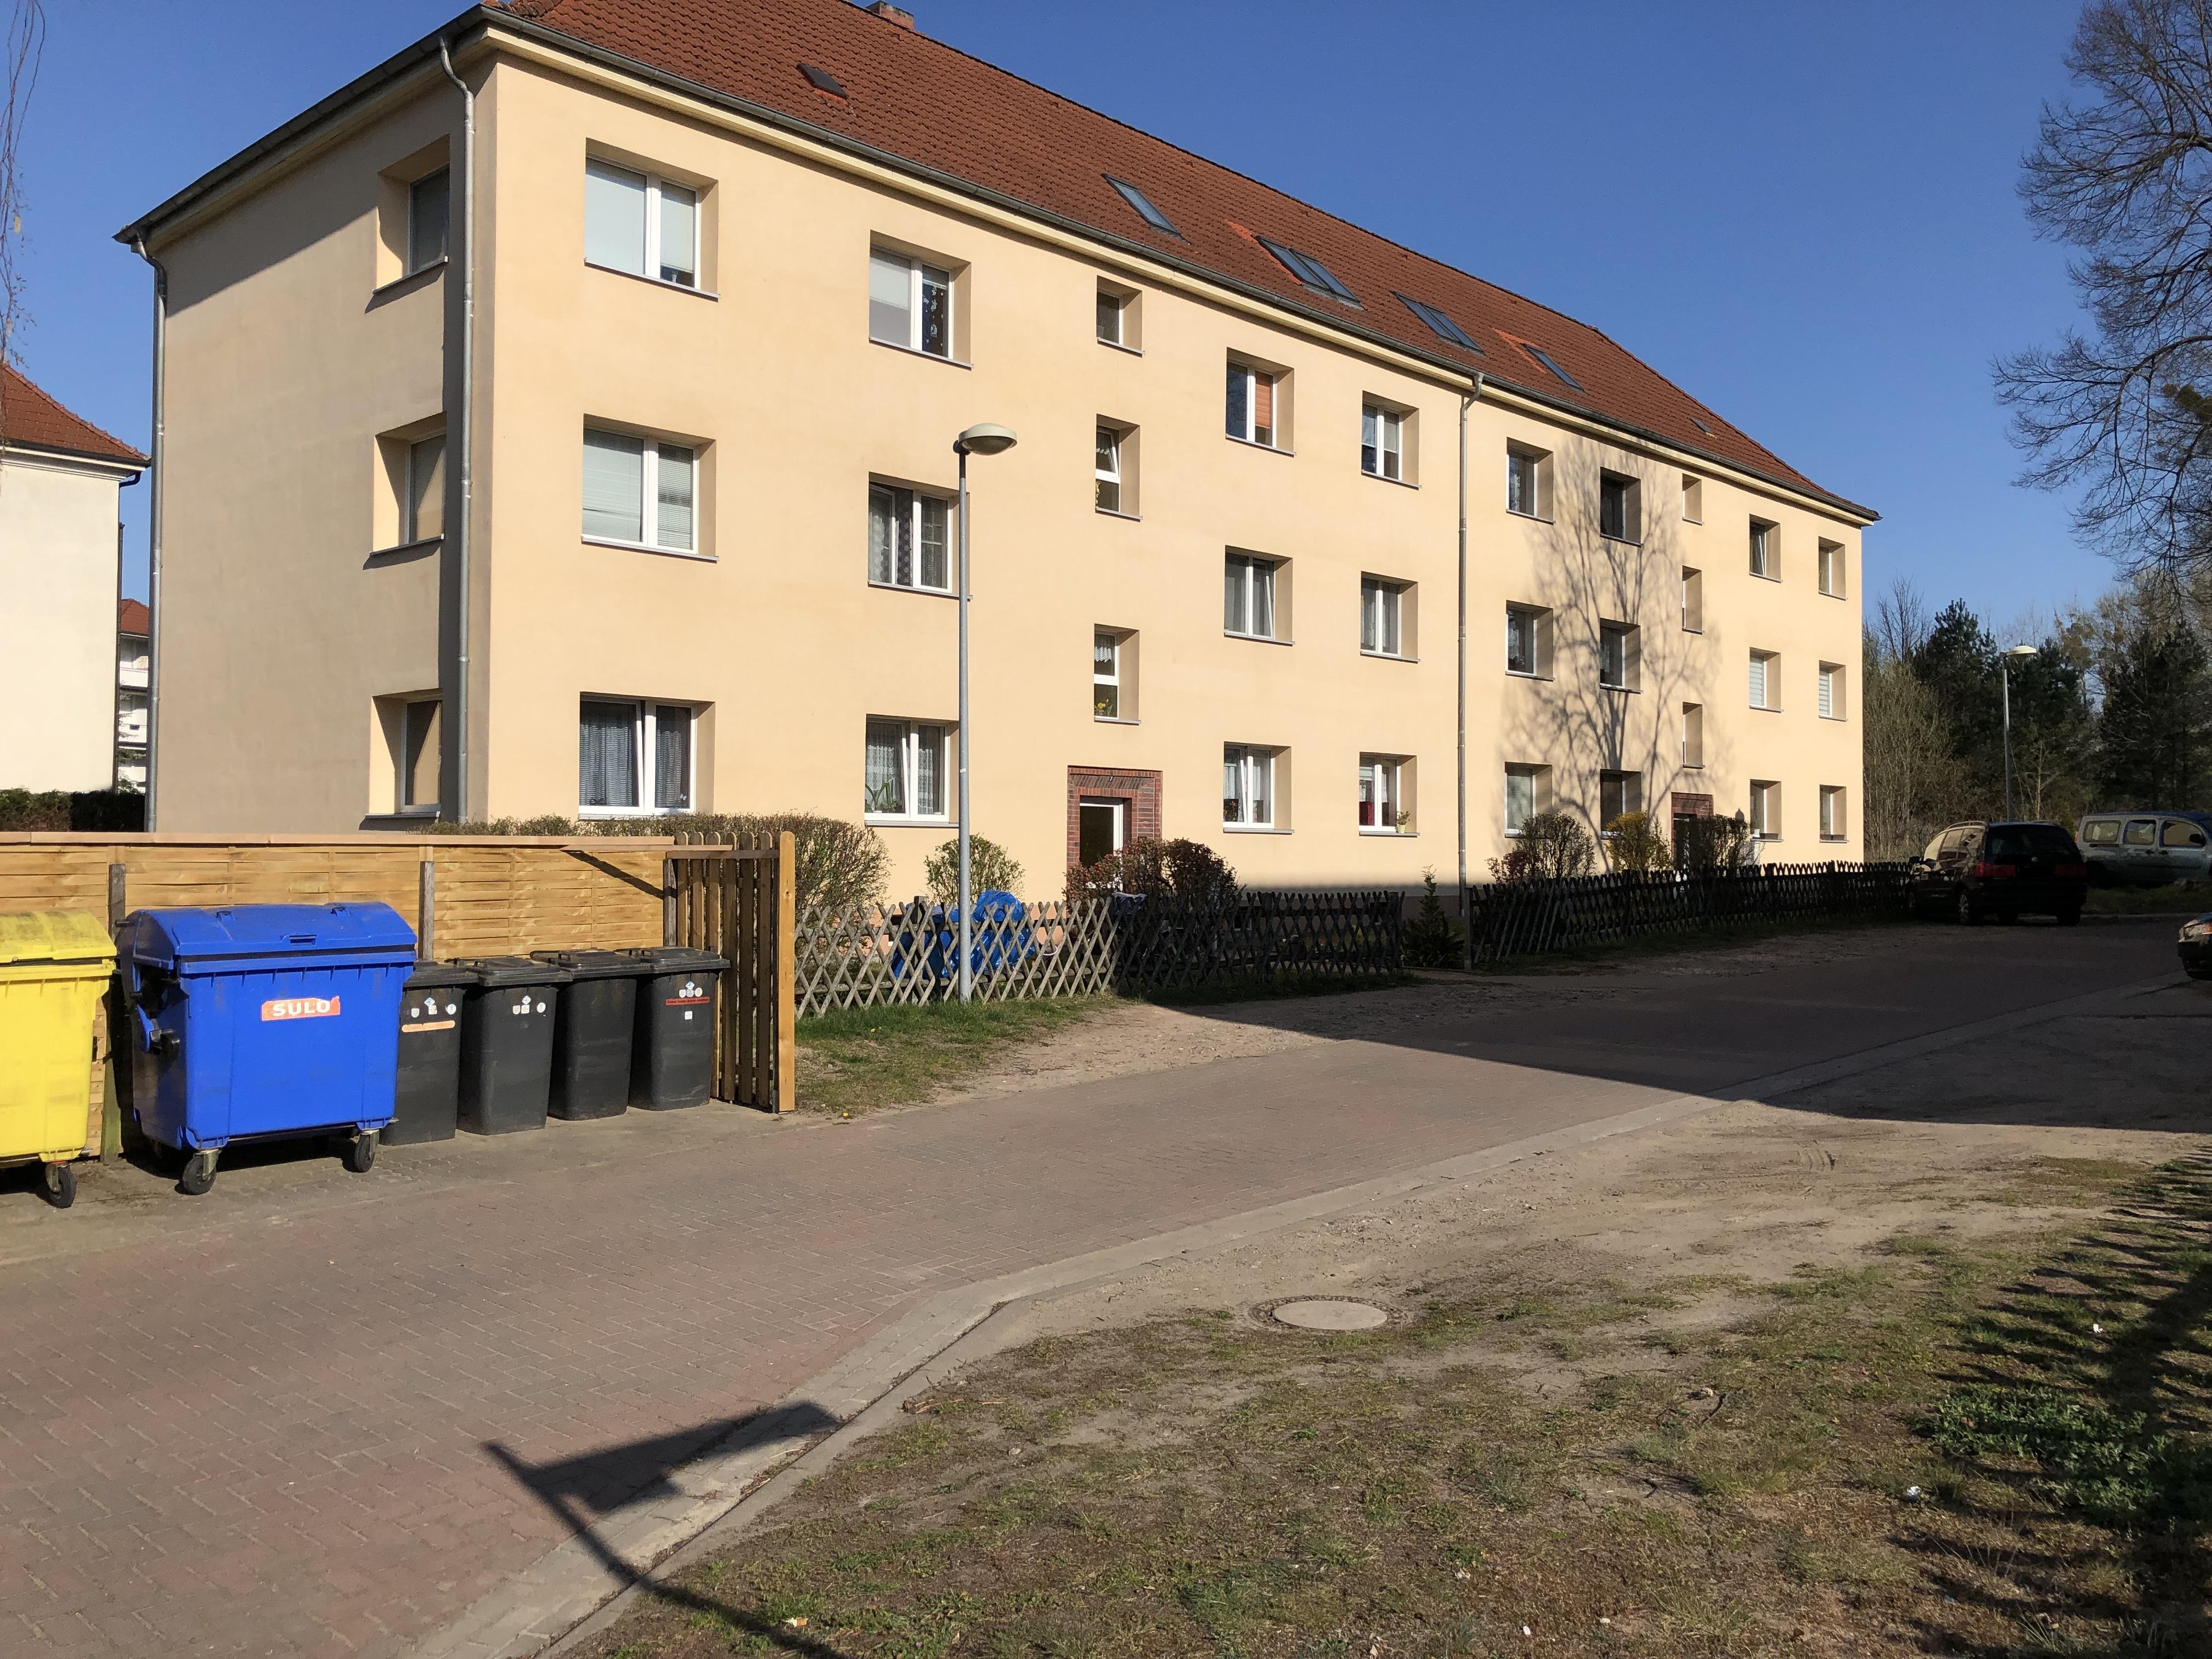 Geschwister-Scholl-Straße 1 und 3